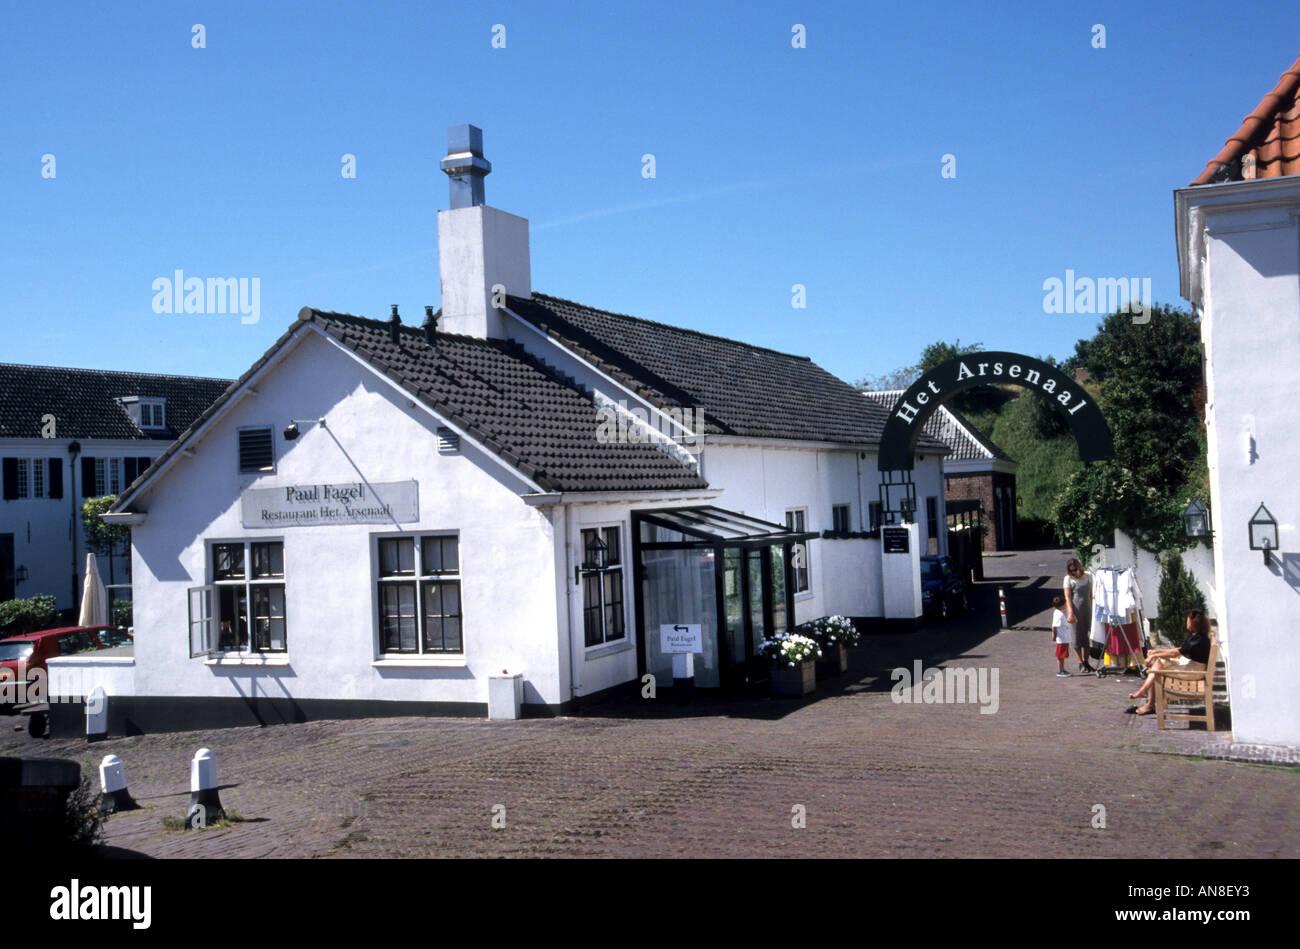 Arsenaal Naarden Vesting restaurant Netherlands - Stock Image